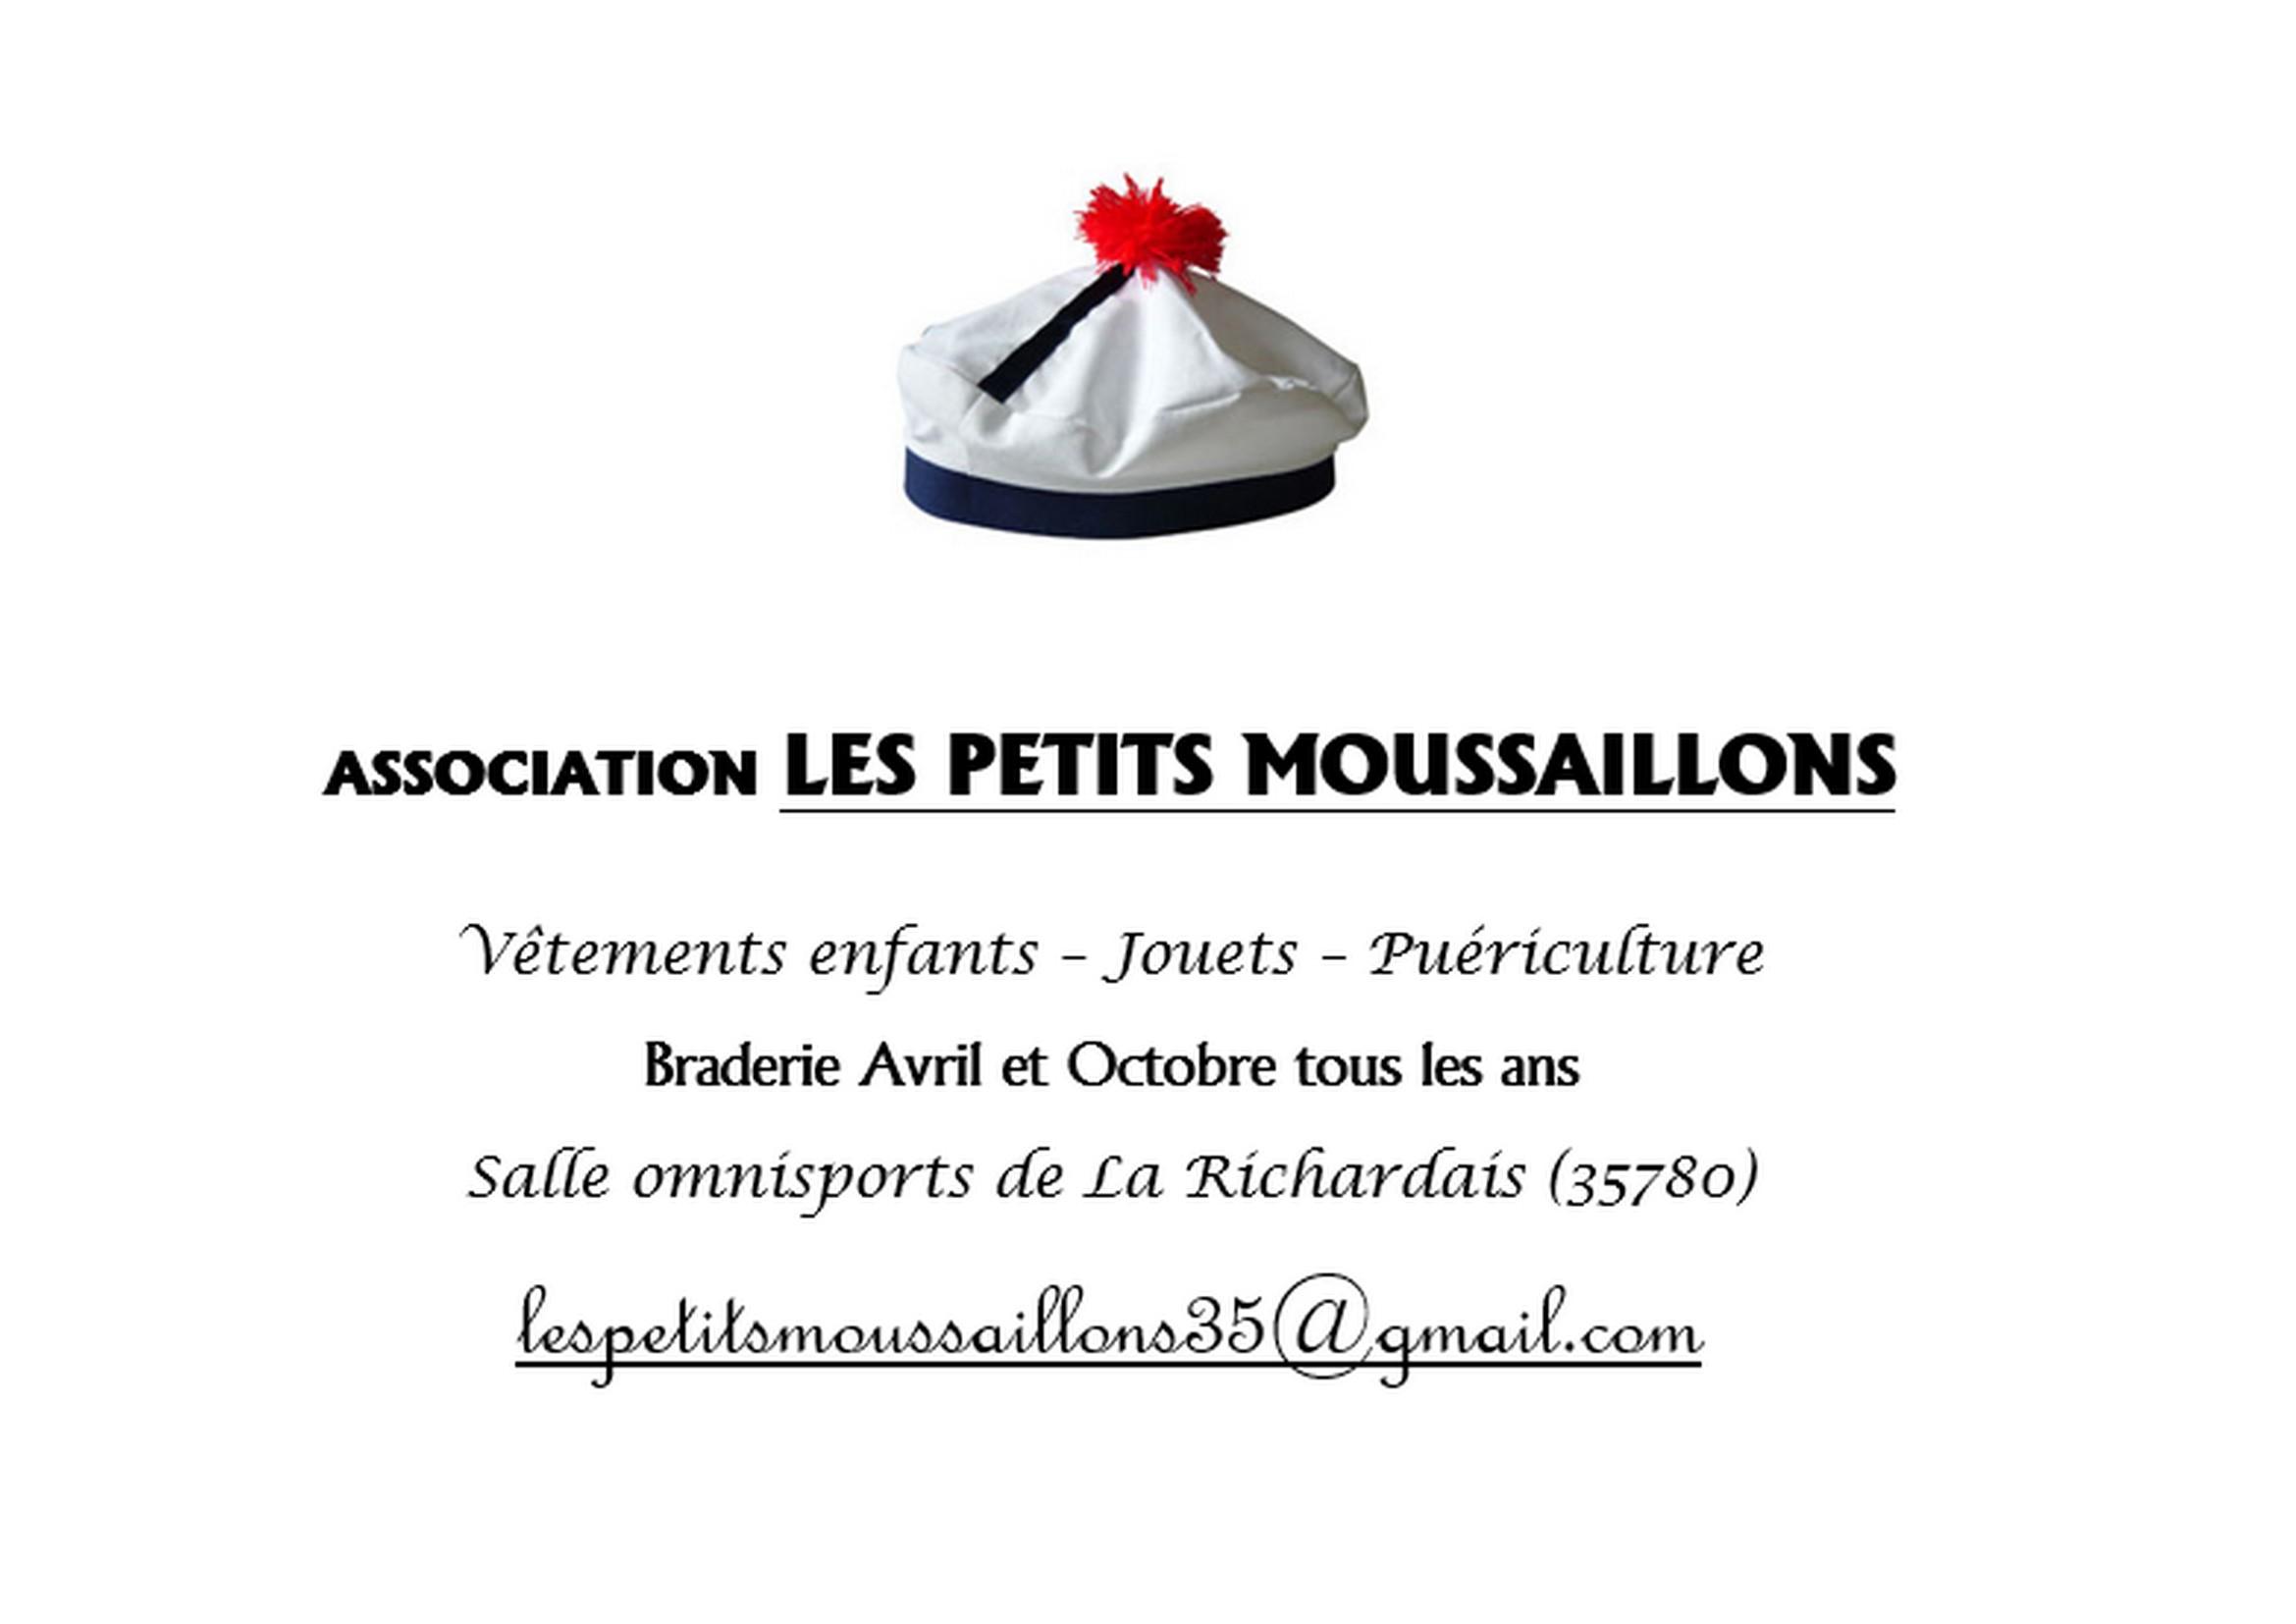 ASSOCIATION LES PETITS MOUSSAILLONS